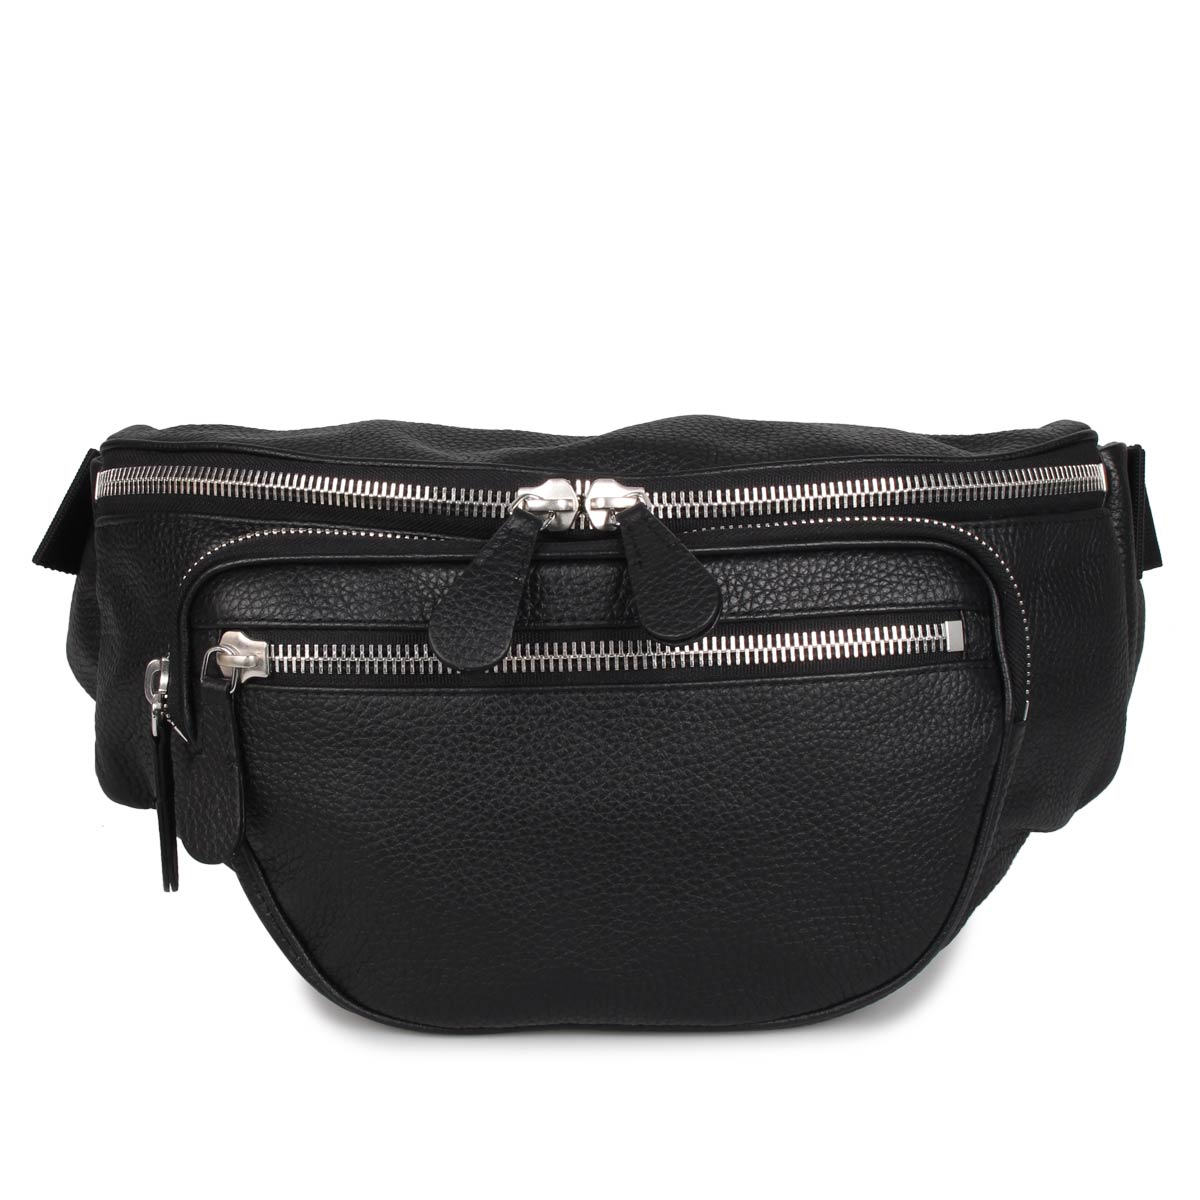 MAISON MARGIELA BELT BAG メゾンマルジェラ バッグ ウエストバッグ ボディバッグ メンズ レディース ブラック 黒 S55WB0020-T8013